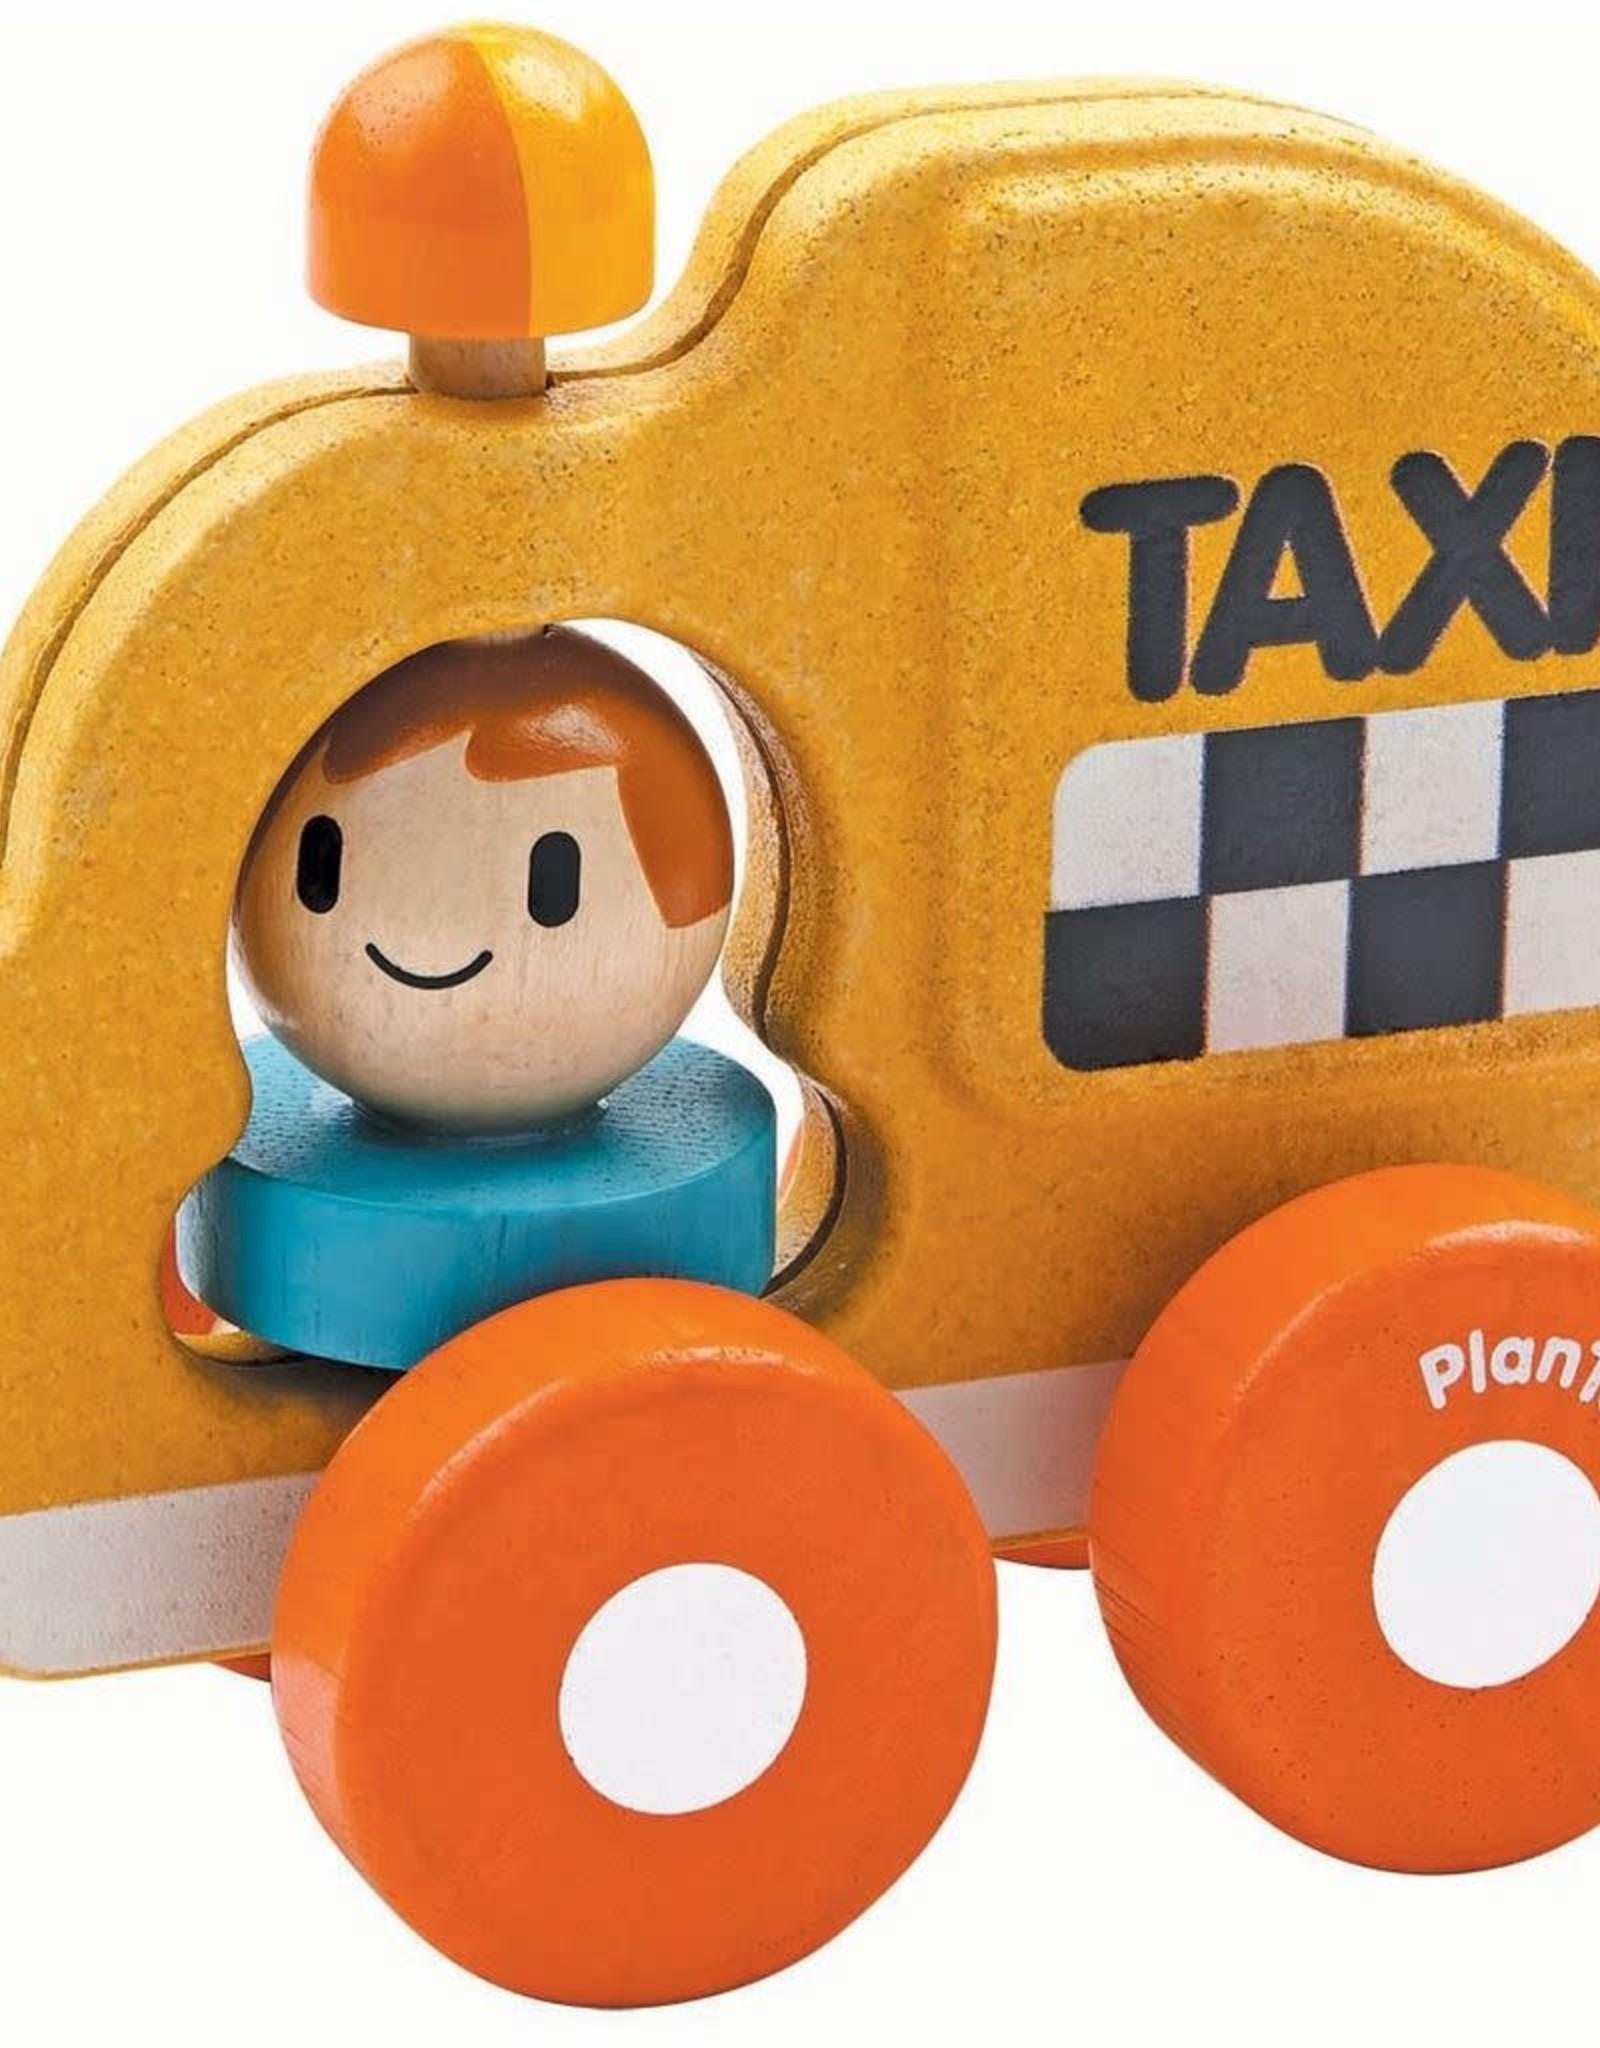 Plantoys Taxi Car